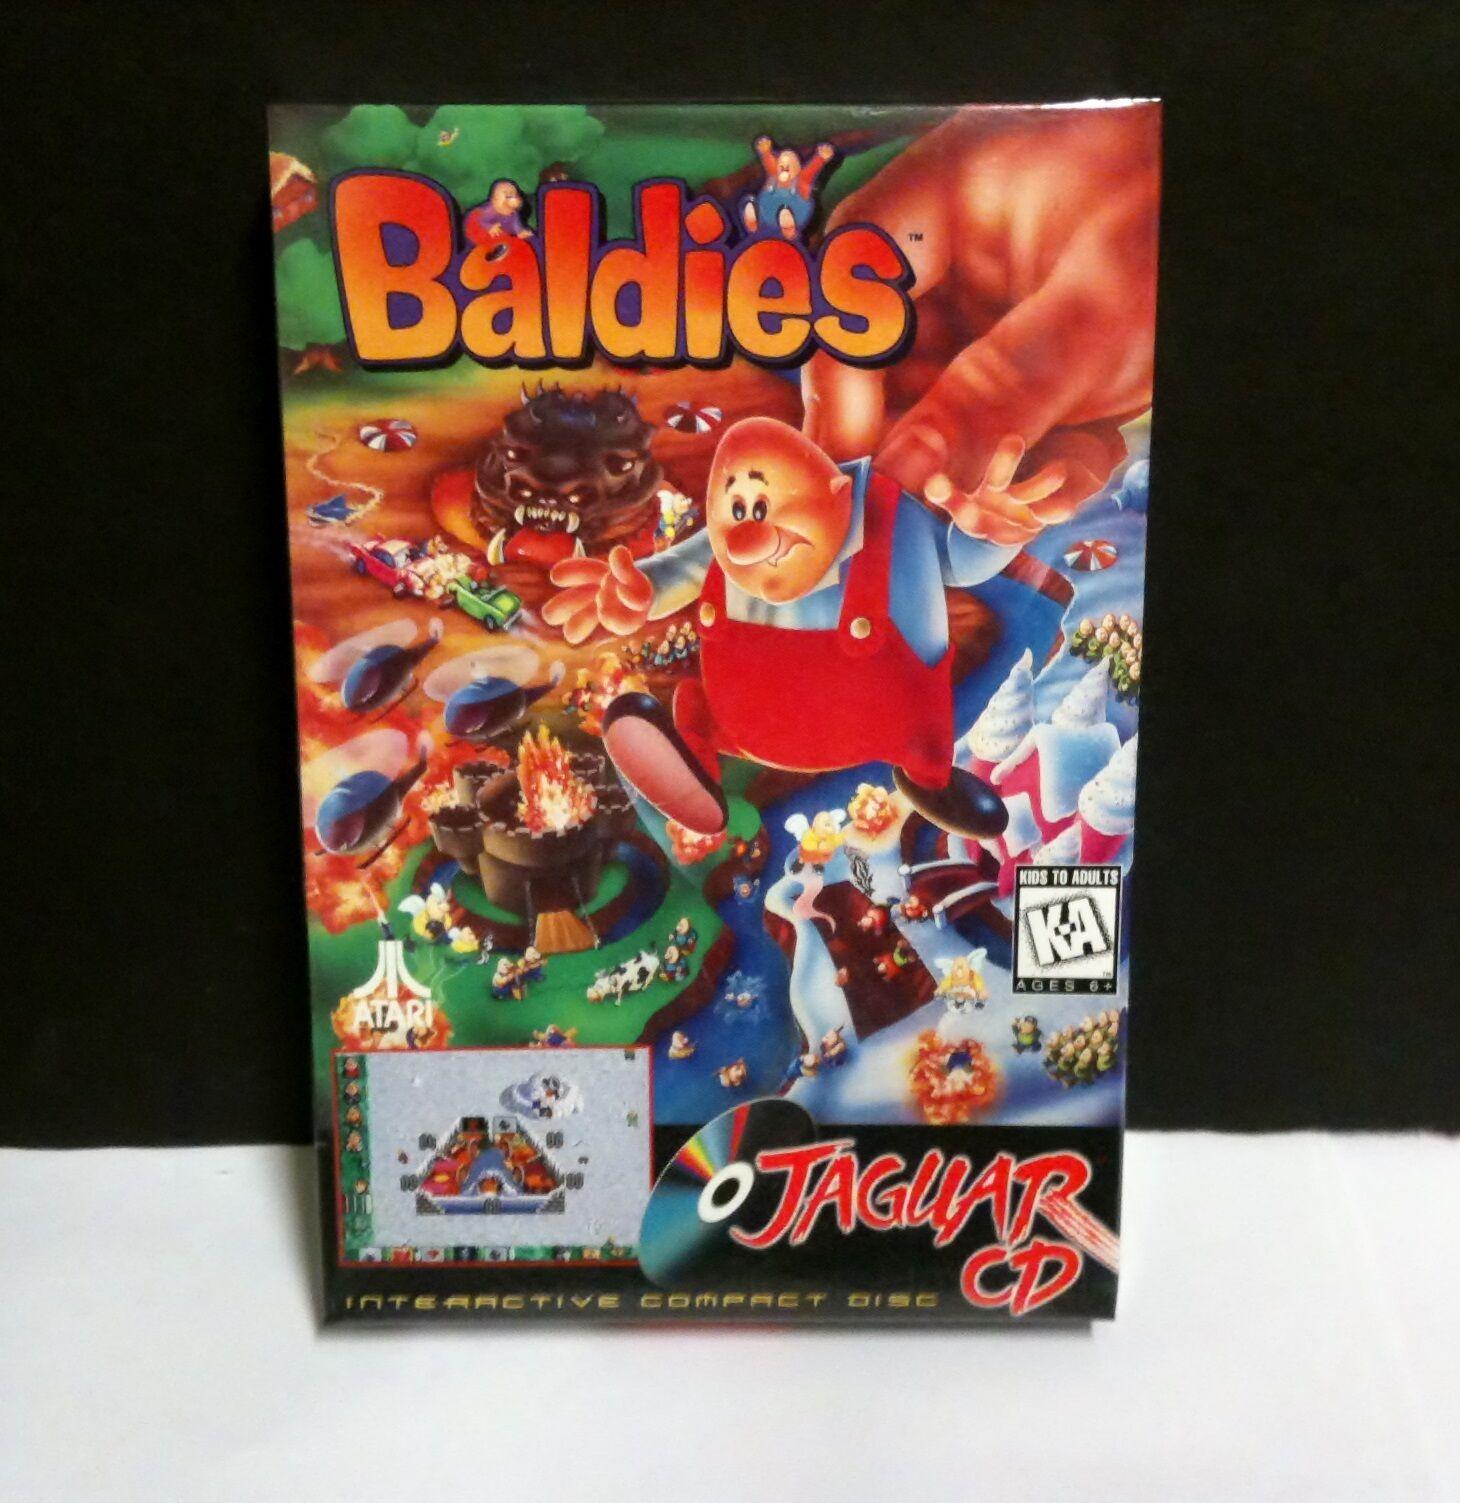 Game Factory Factory Sealed Baldies Game For Atari Jaguar...